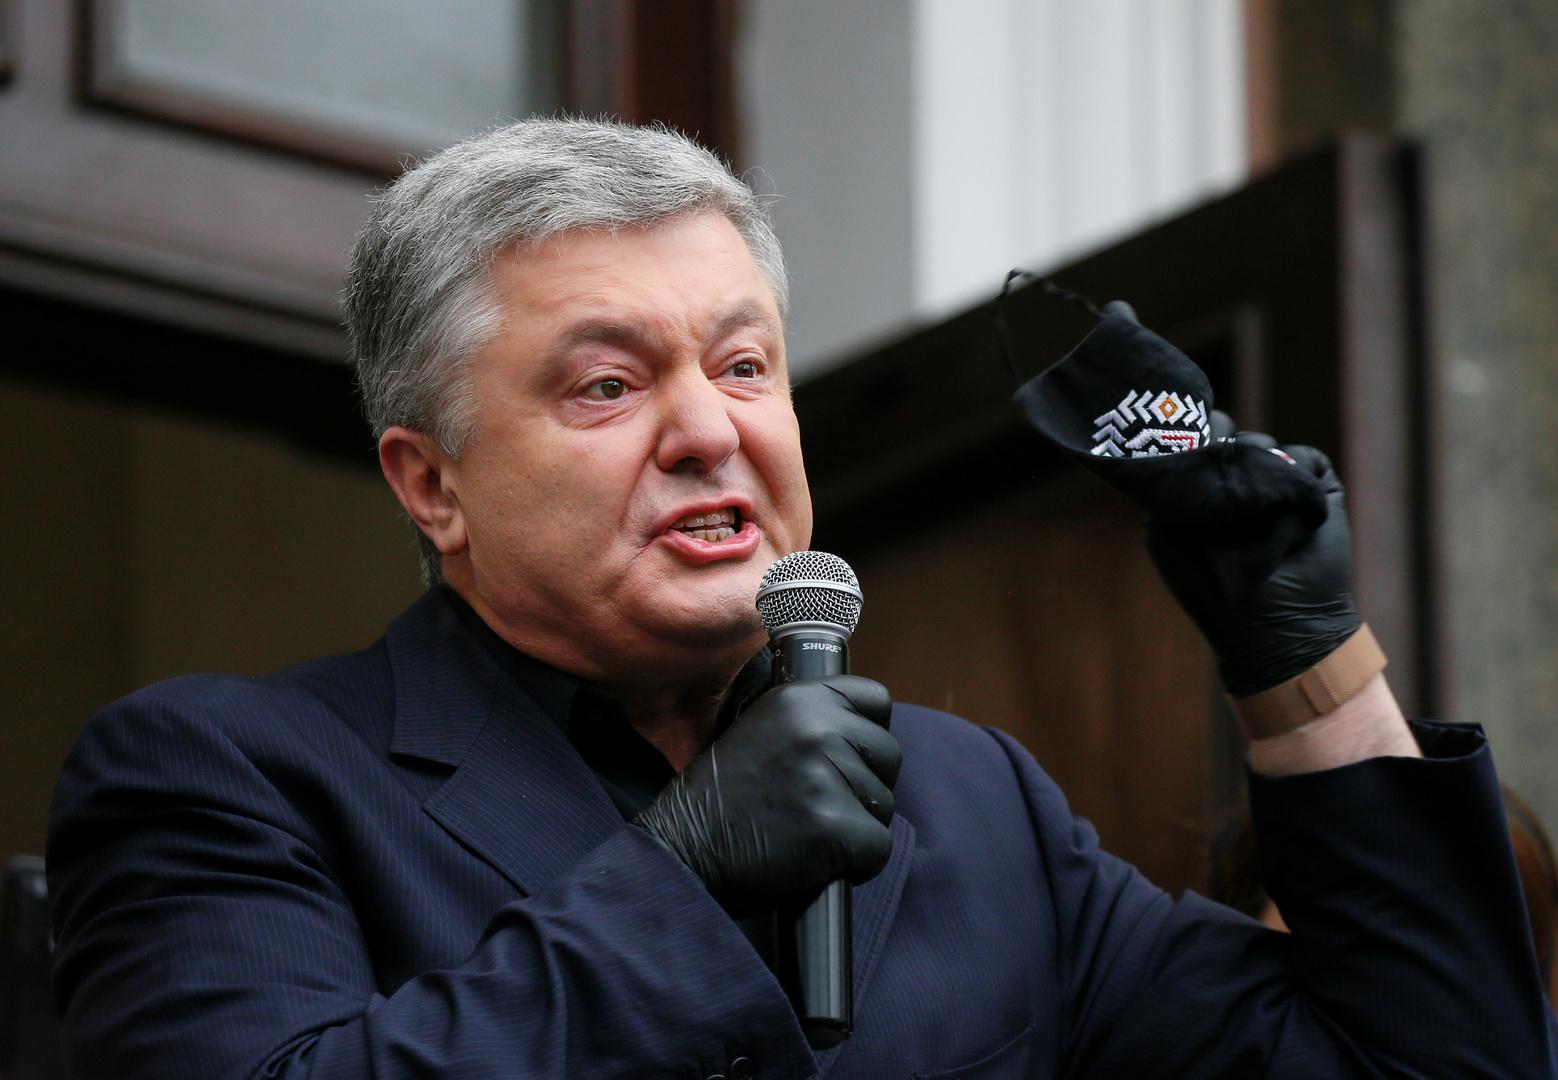 روسيا تفرض عقوبات على الرئيس الأوكراني السابق